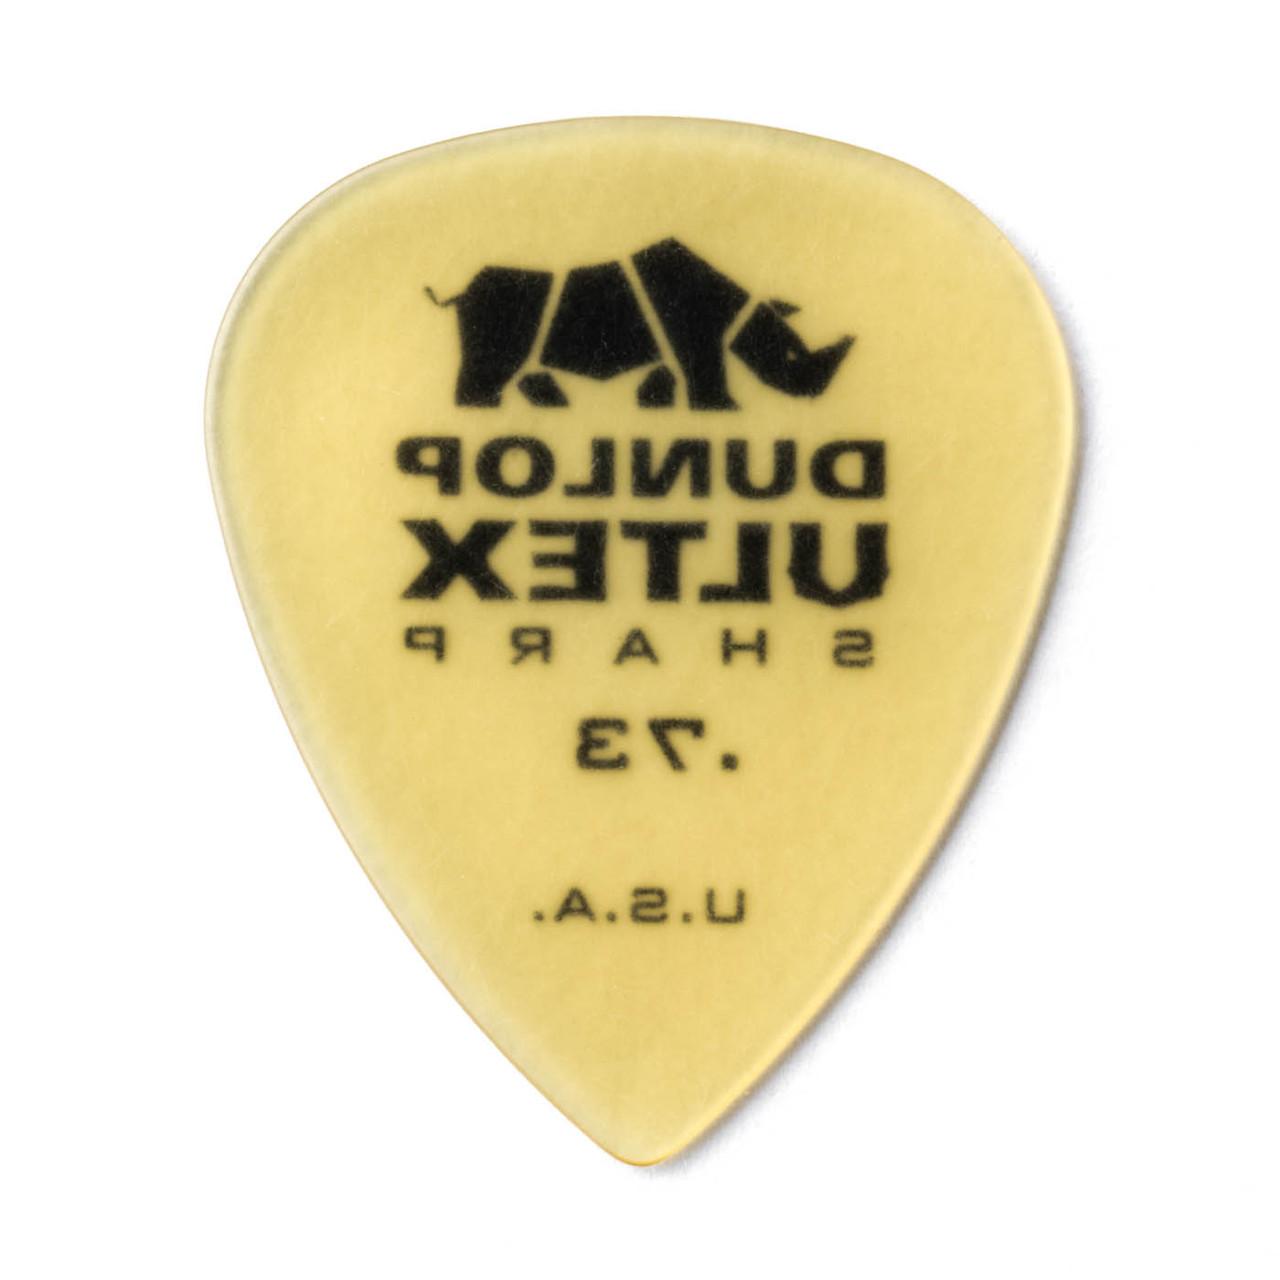 6-Pack of Dunlop Ultex Sharp Picks .73 mm